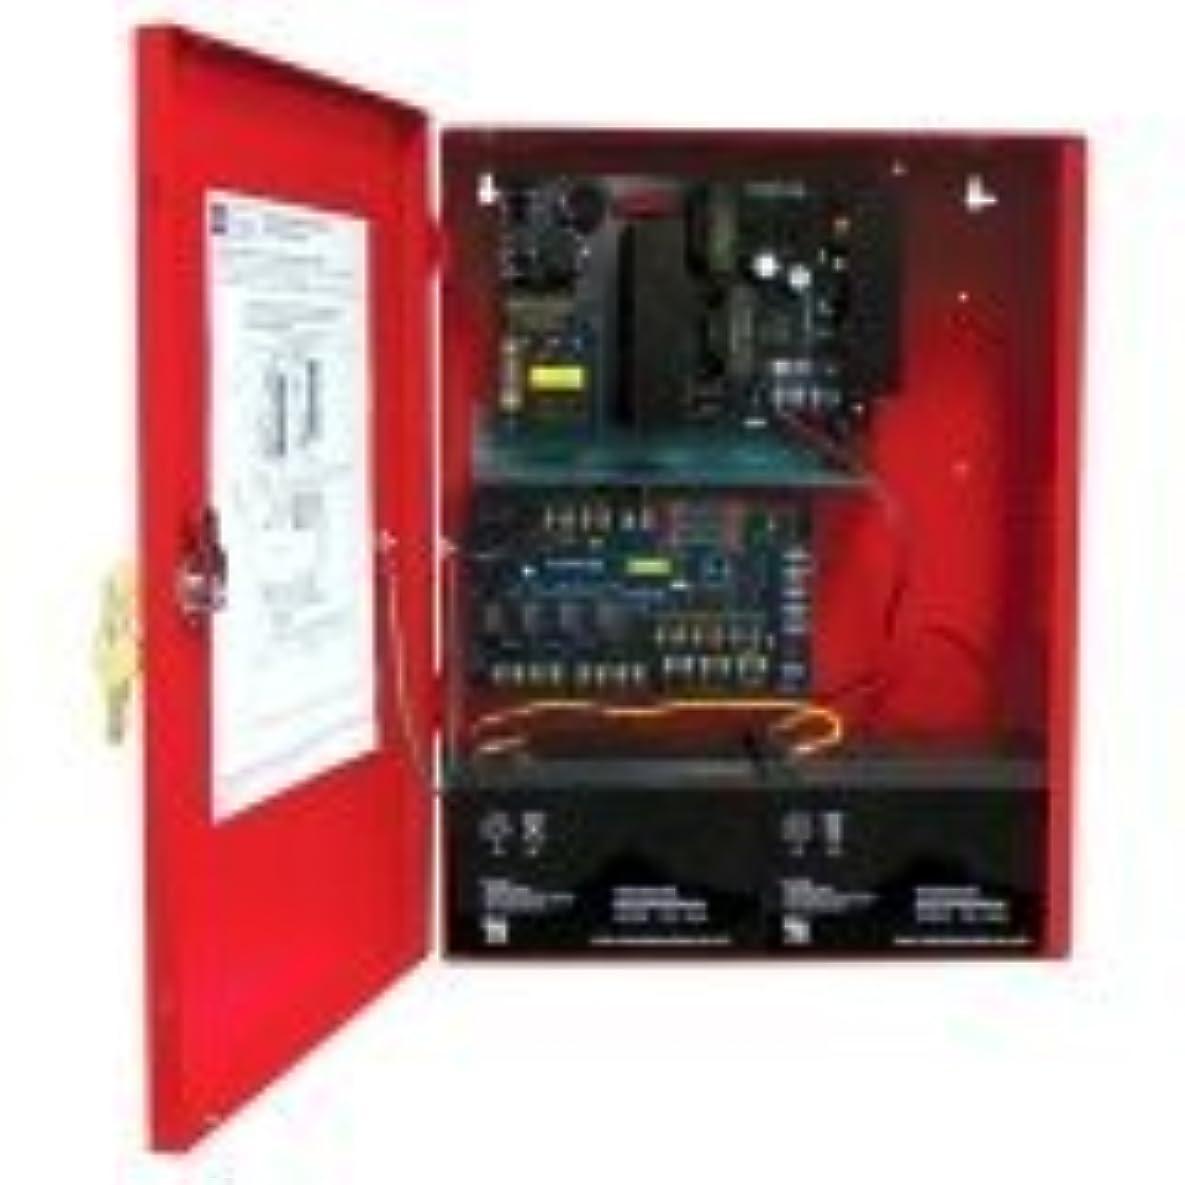 うるさい病気触覚Altronix Proprietary Power Supply AL1002ULADA [並行輸入品]